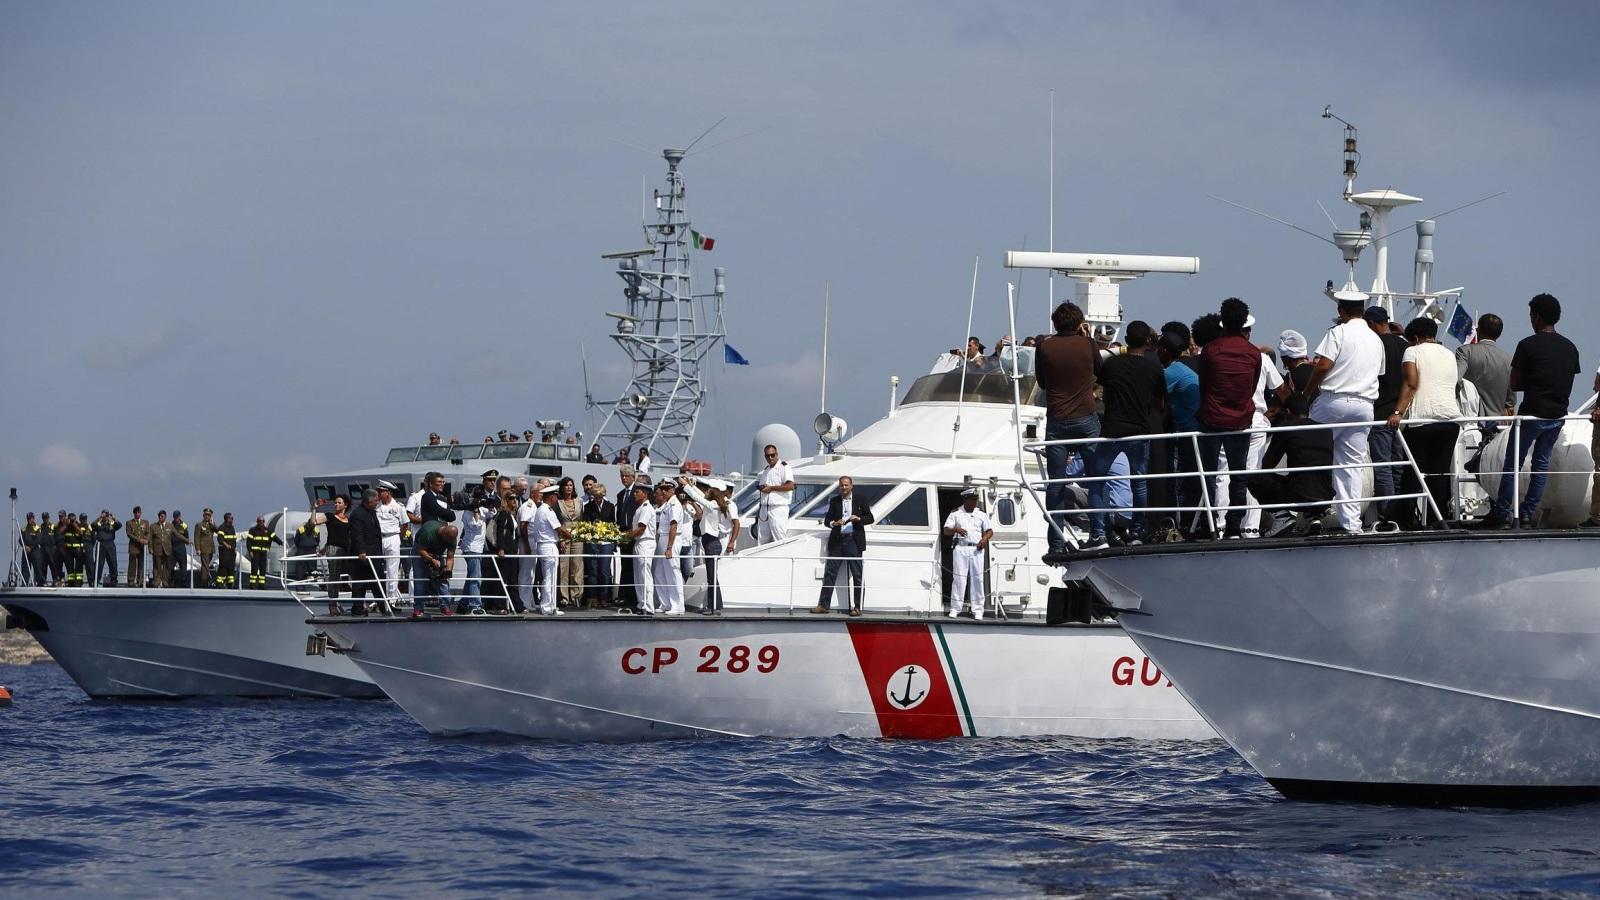 تونس تعرب عن تعاونها مع أوربا للتصدي للهجرة السرية